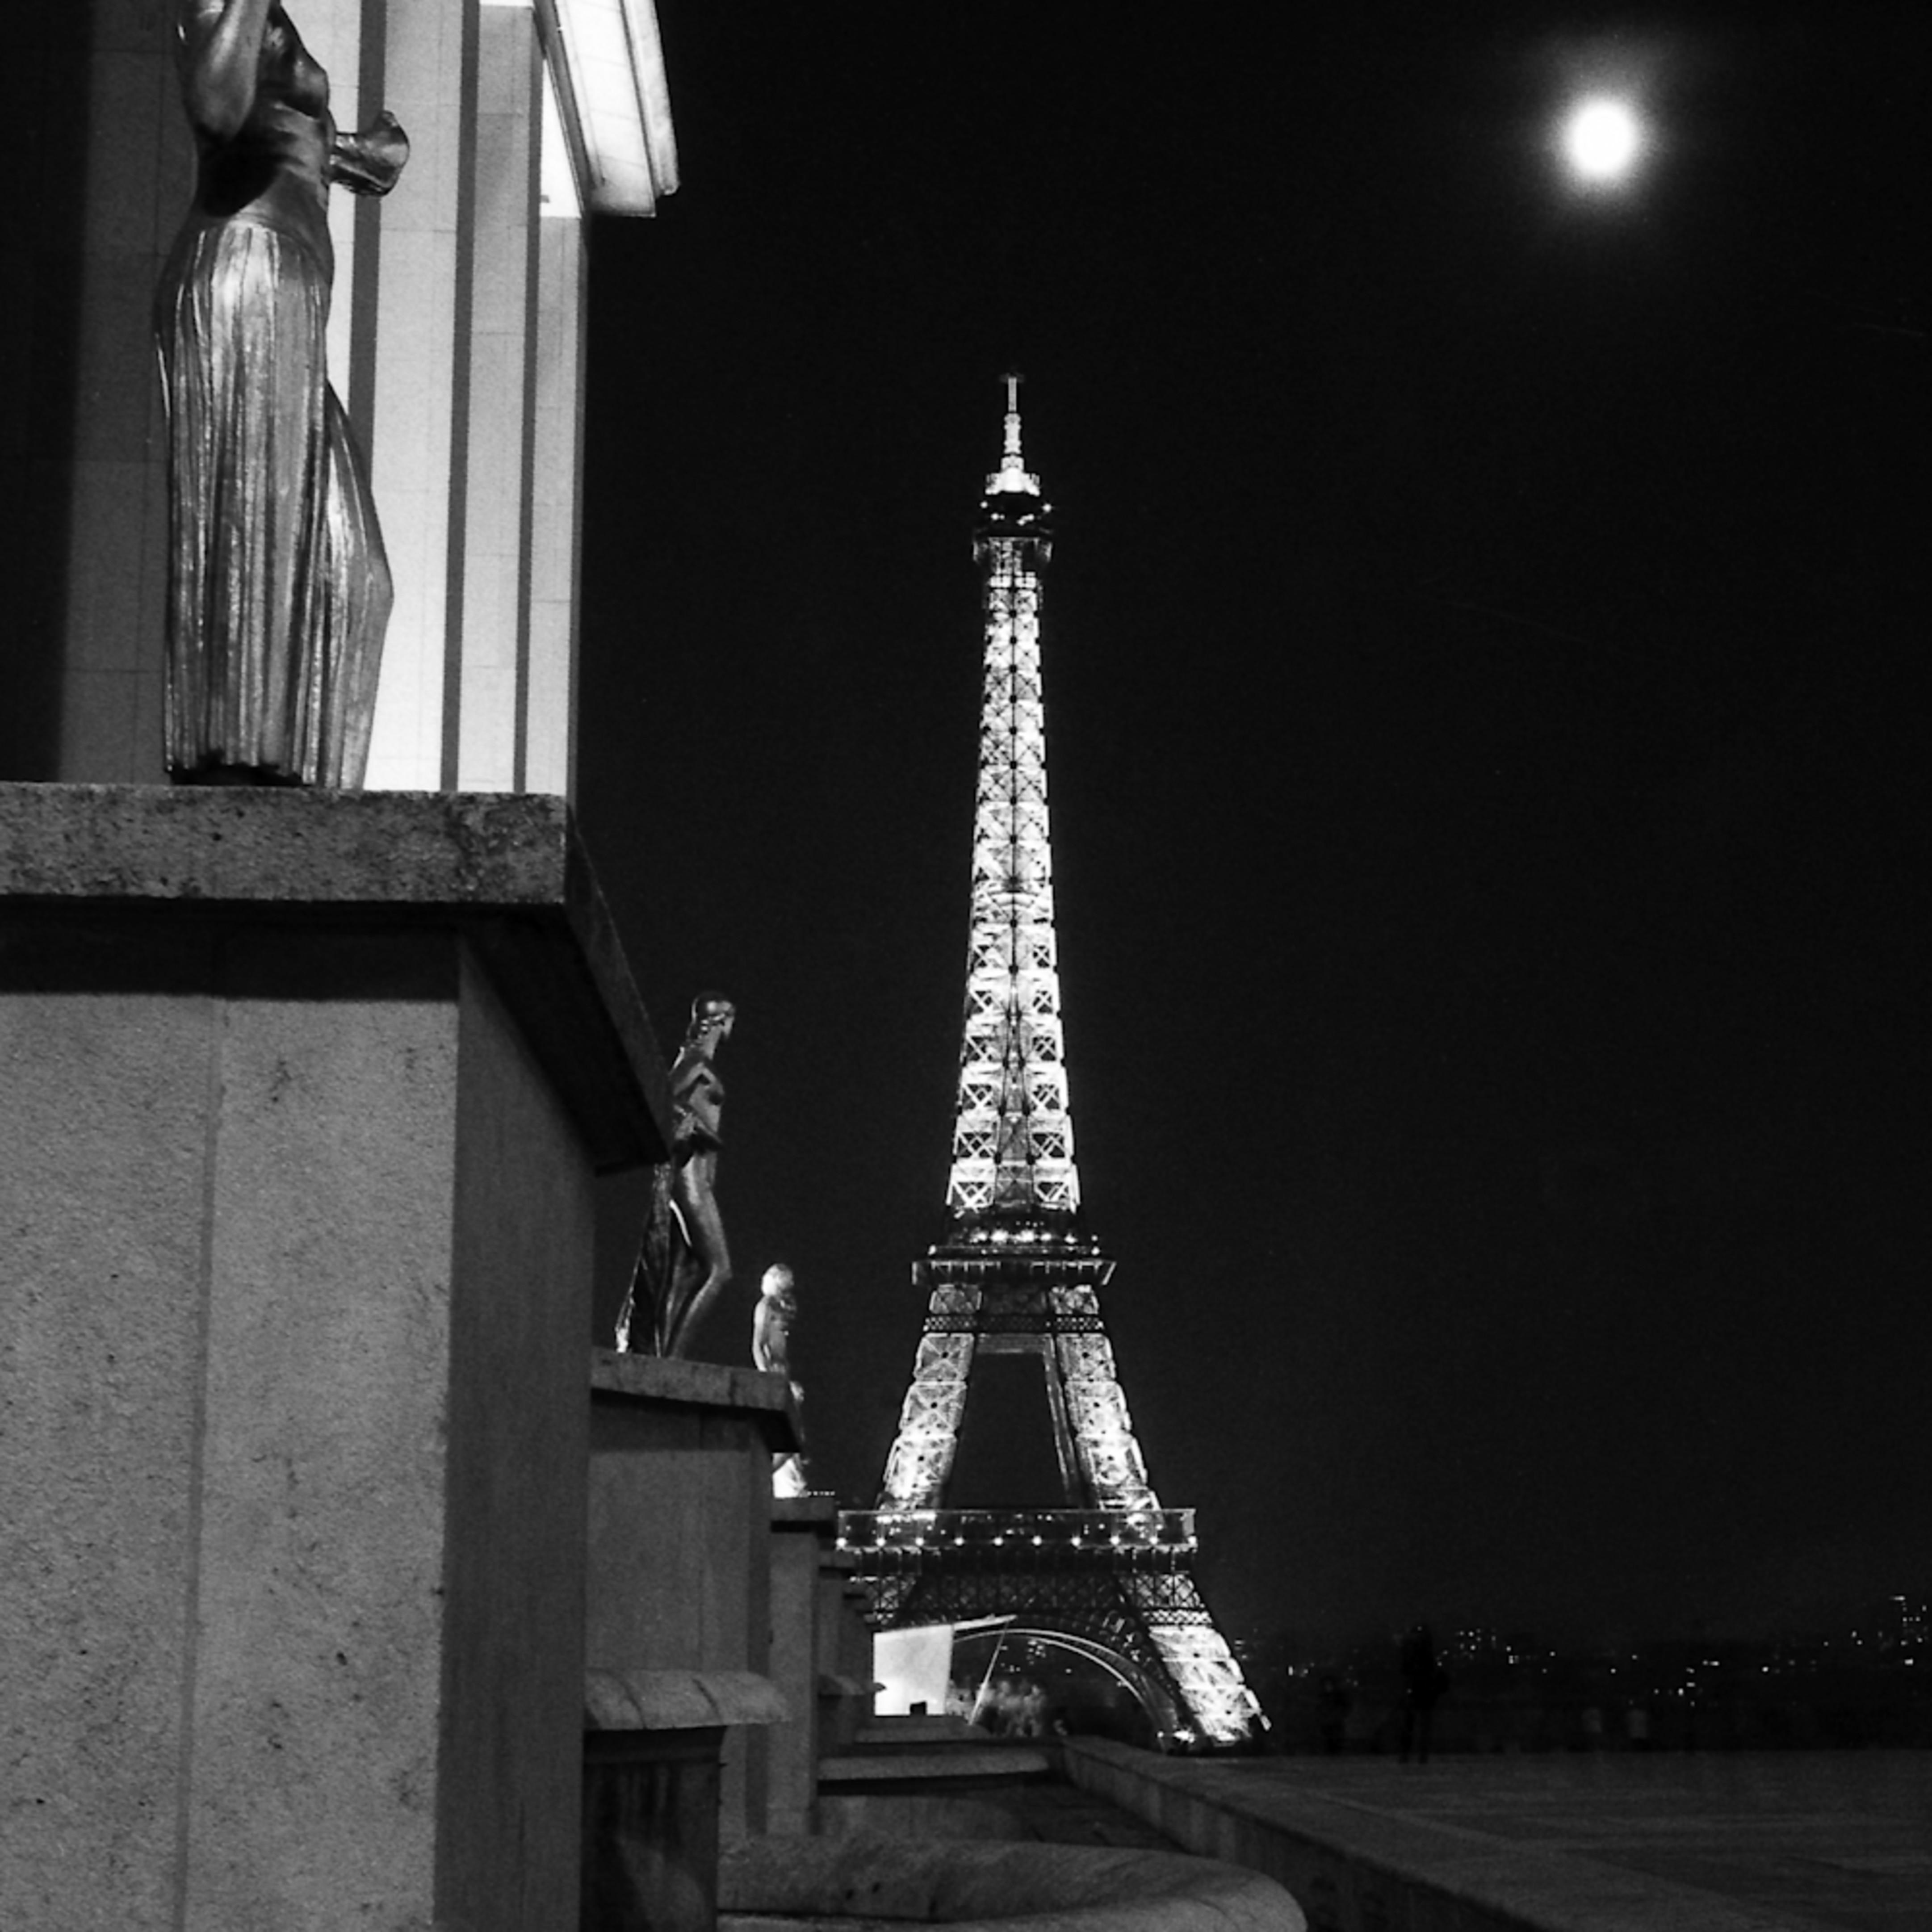 Palais de chaillot et la tour eiffel c6tack